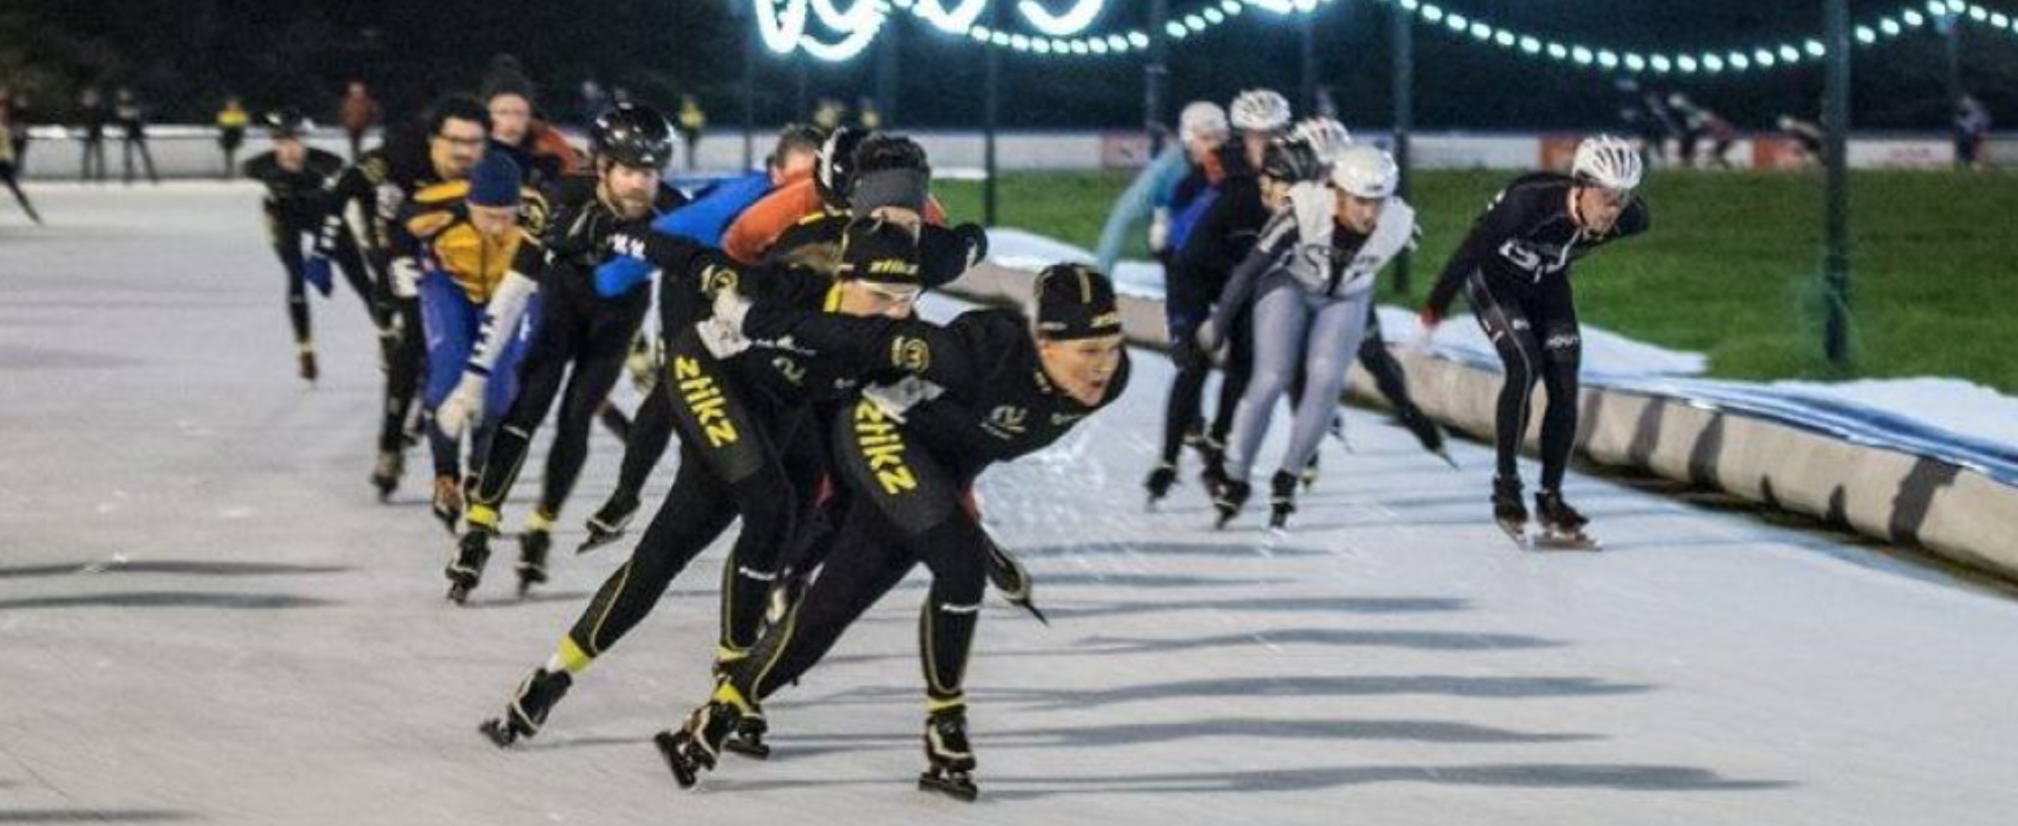 stik-schaatsen